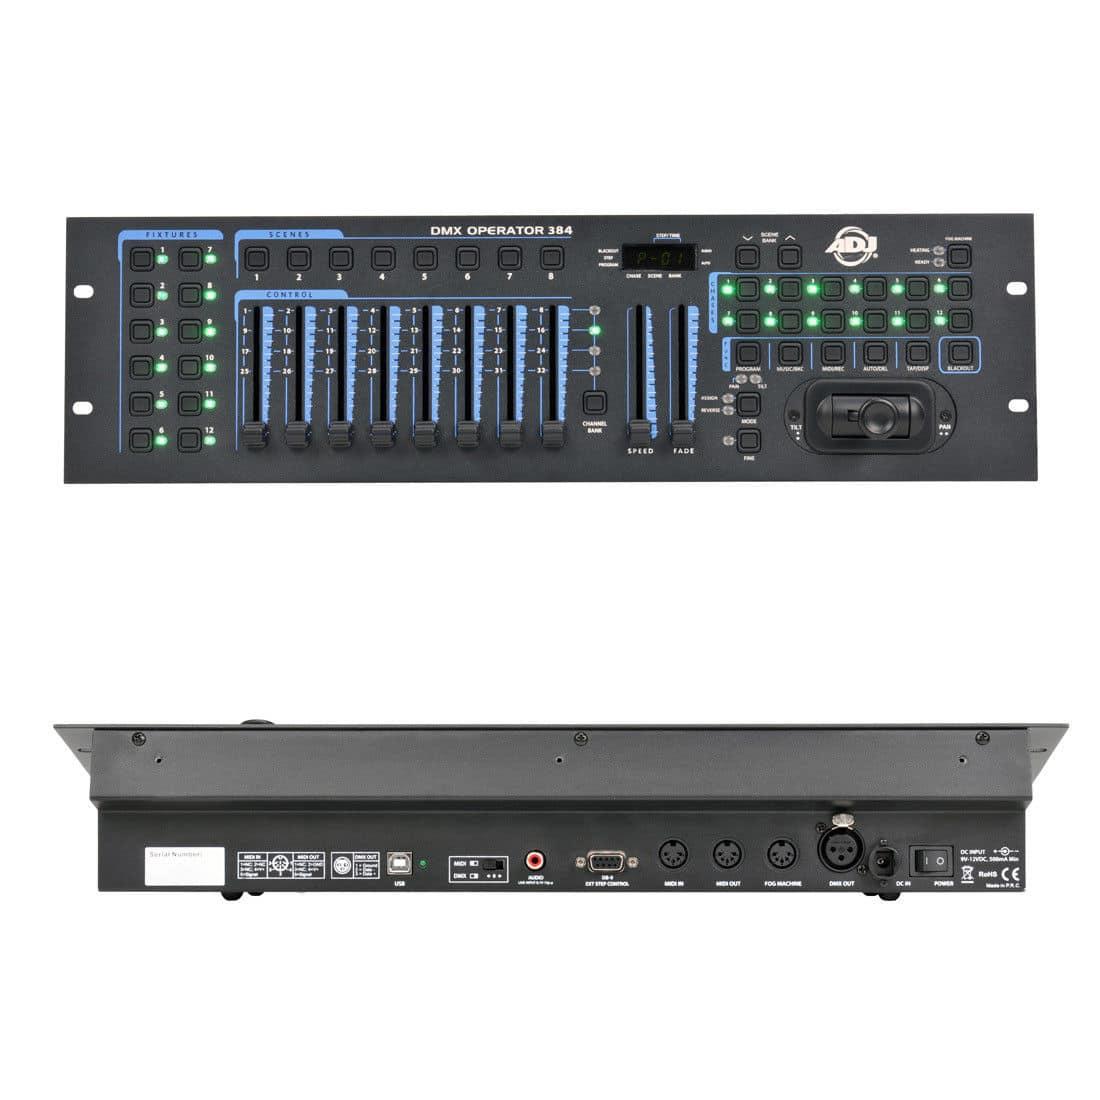 Lichtsteuerung - ADJ DMX Operator 384 DMX Controller - Onlineshop Musikhaus Kirstein